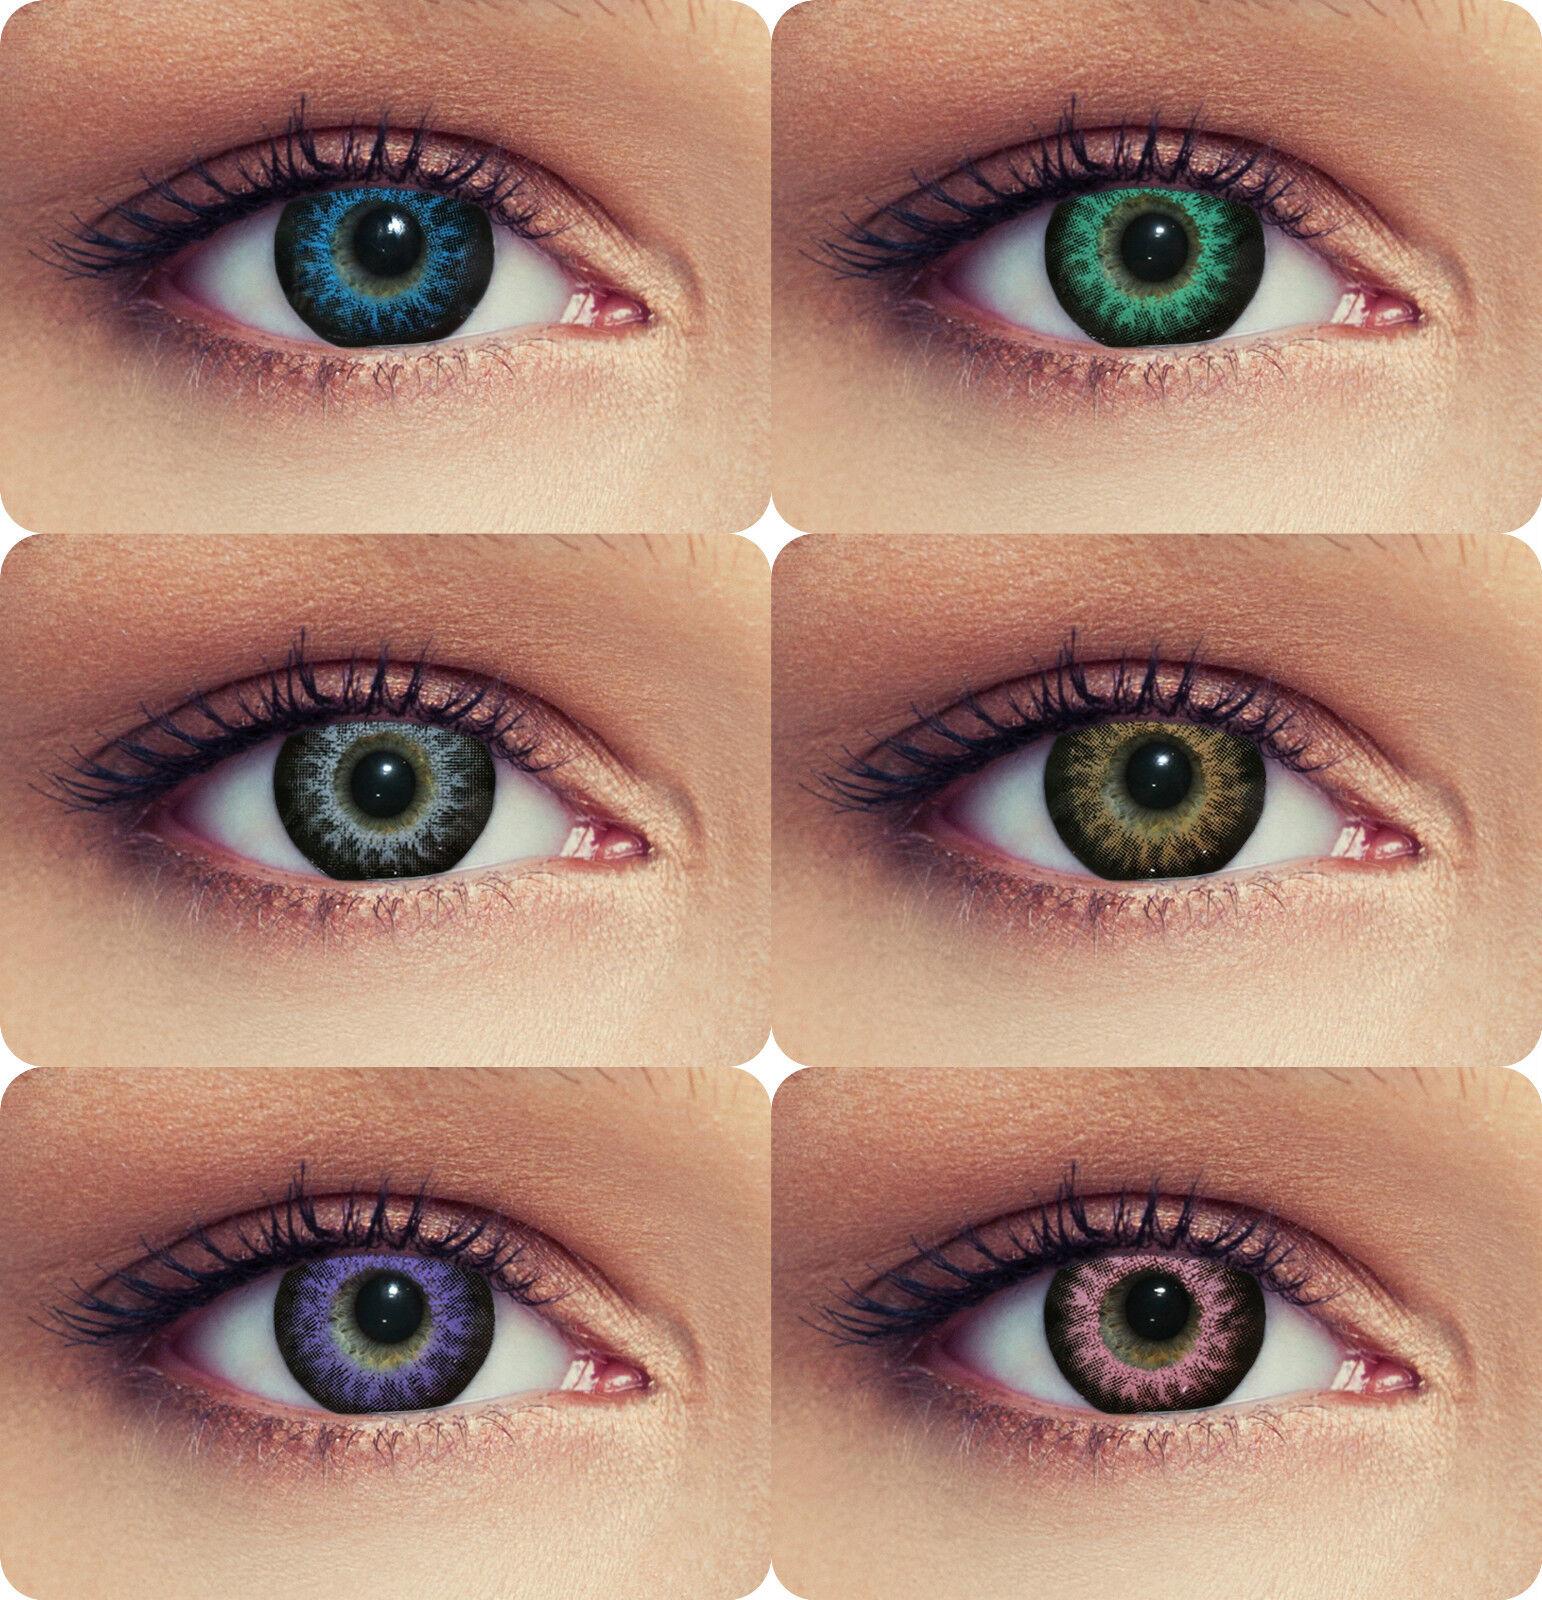 Farbige Kontaktlinsen 3 Monatslinsen Contact lenses Design: High intensive